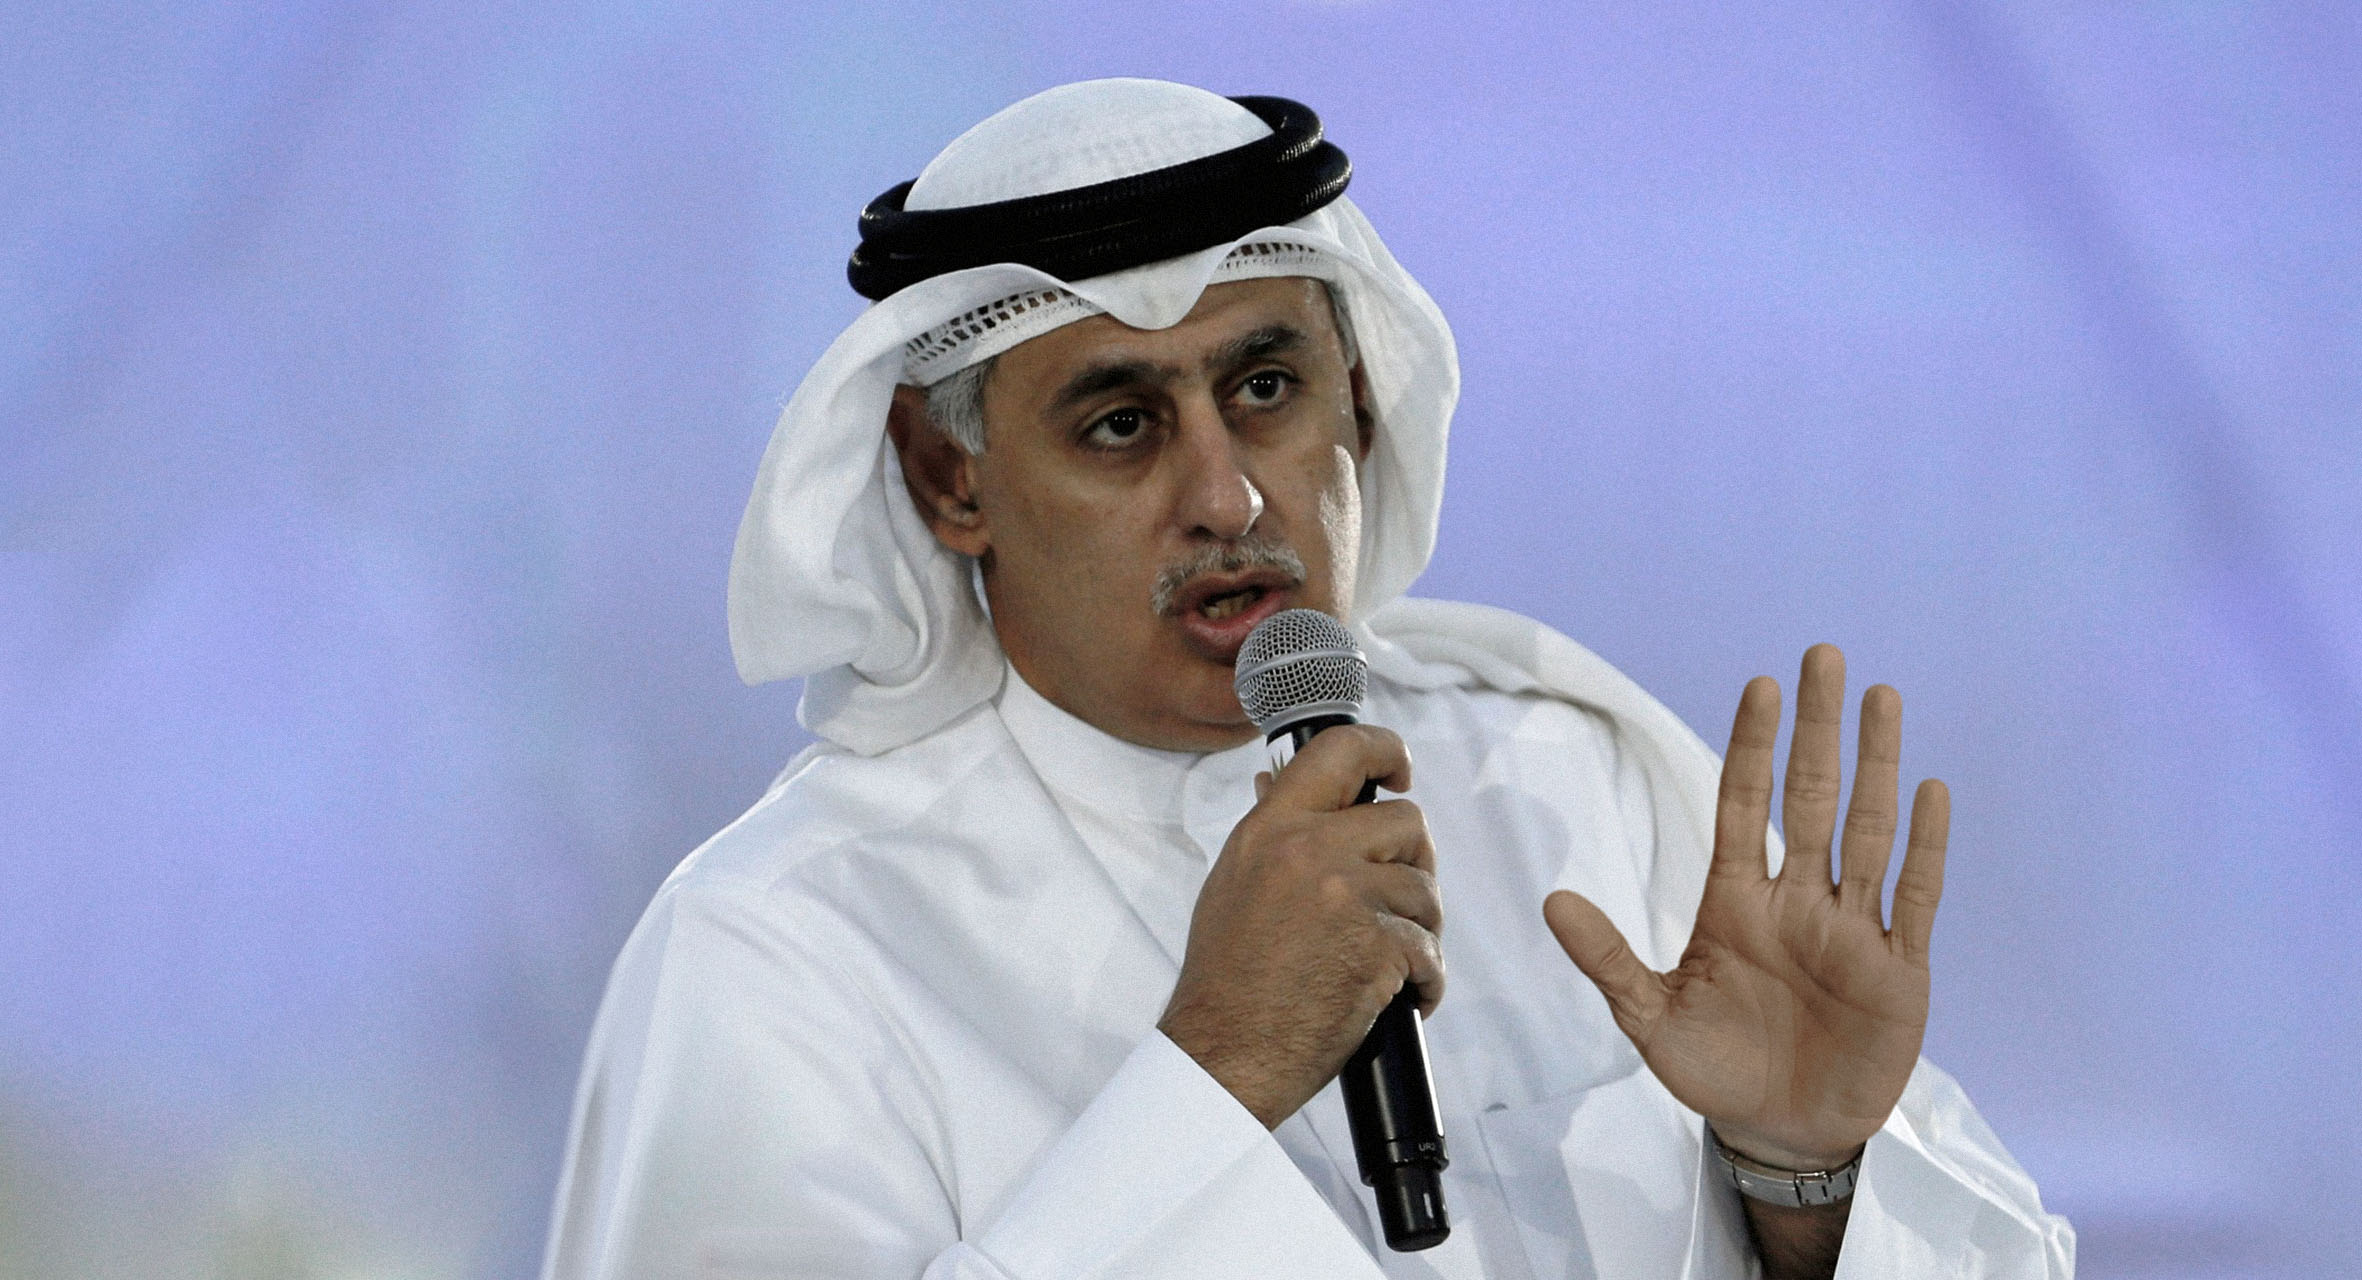 صورة البحرين تعتذر عن استيراد بضائع المستوطنات لاحتوائها على مواد خام فلسطينية